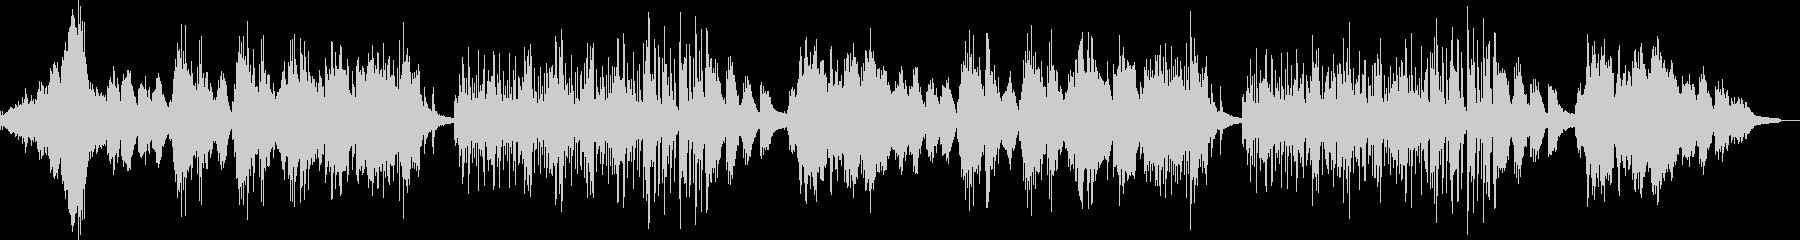 ピアノと弦楽器中心の爽やかなサウンドの未再生の波形